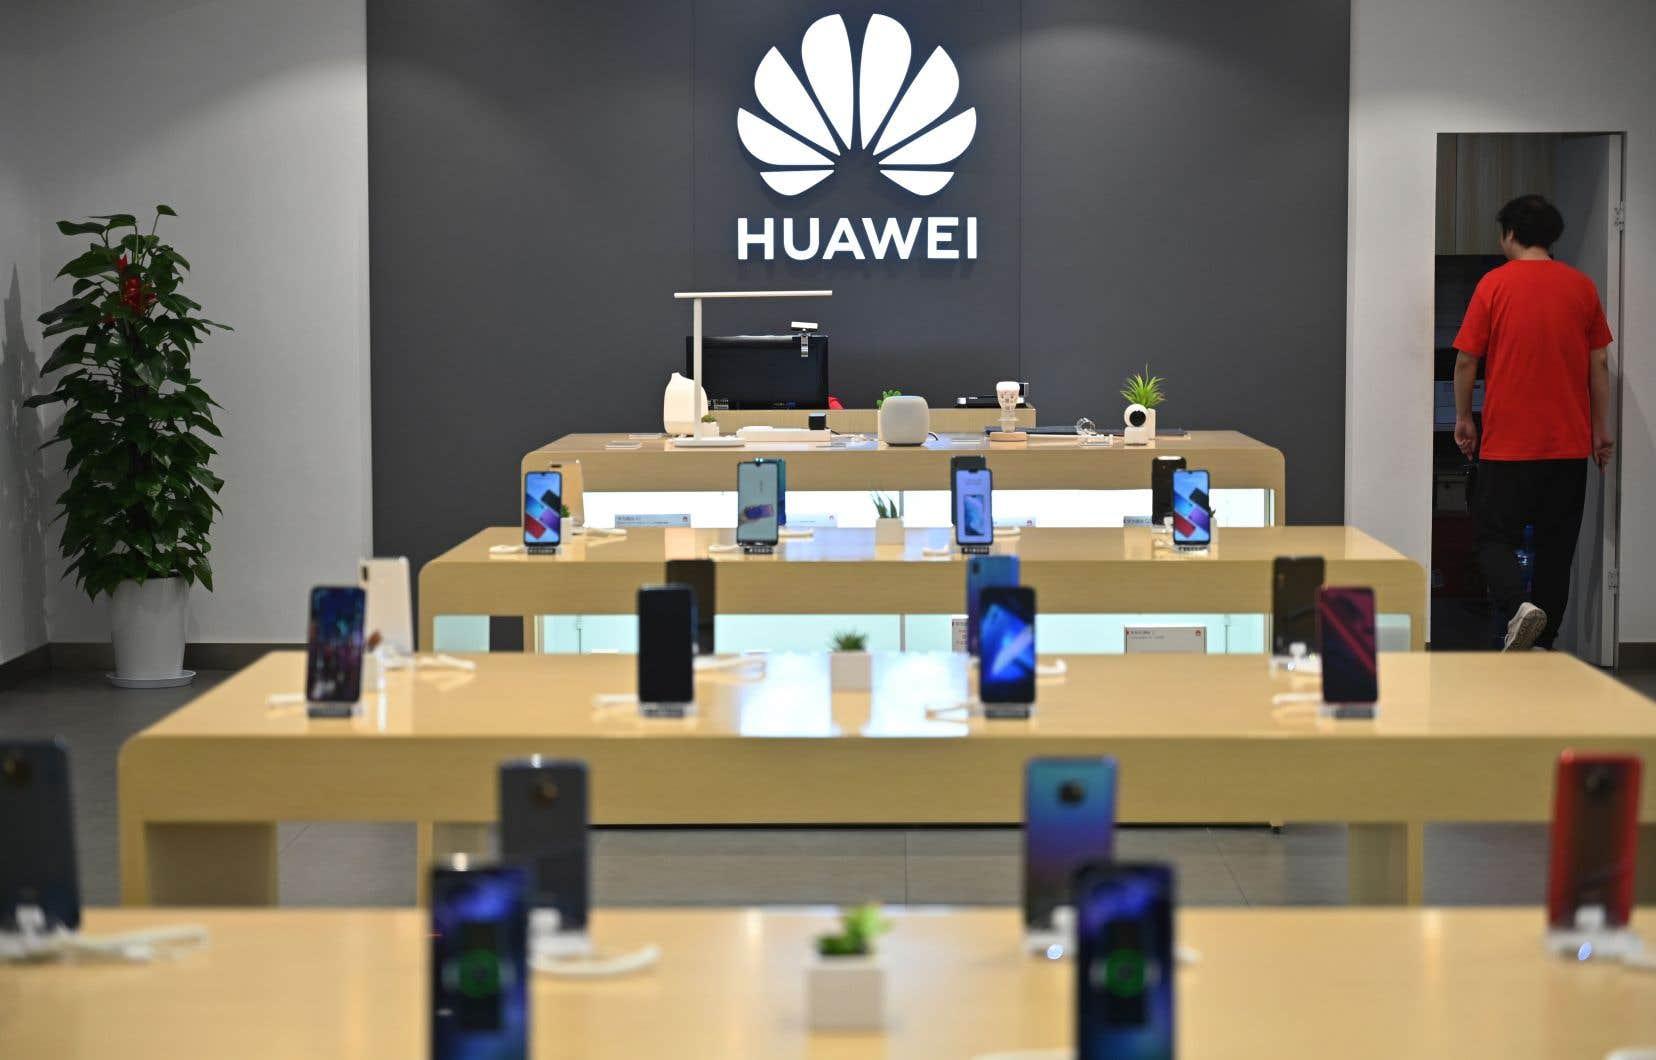 Comme beaucoup d'applications populaires, Facebook est pré-installée sur les téléphones intelligents, ce qui suppose que le réseau social collabore technologiquement avec le groupe chinois pour rendre cela possible.